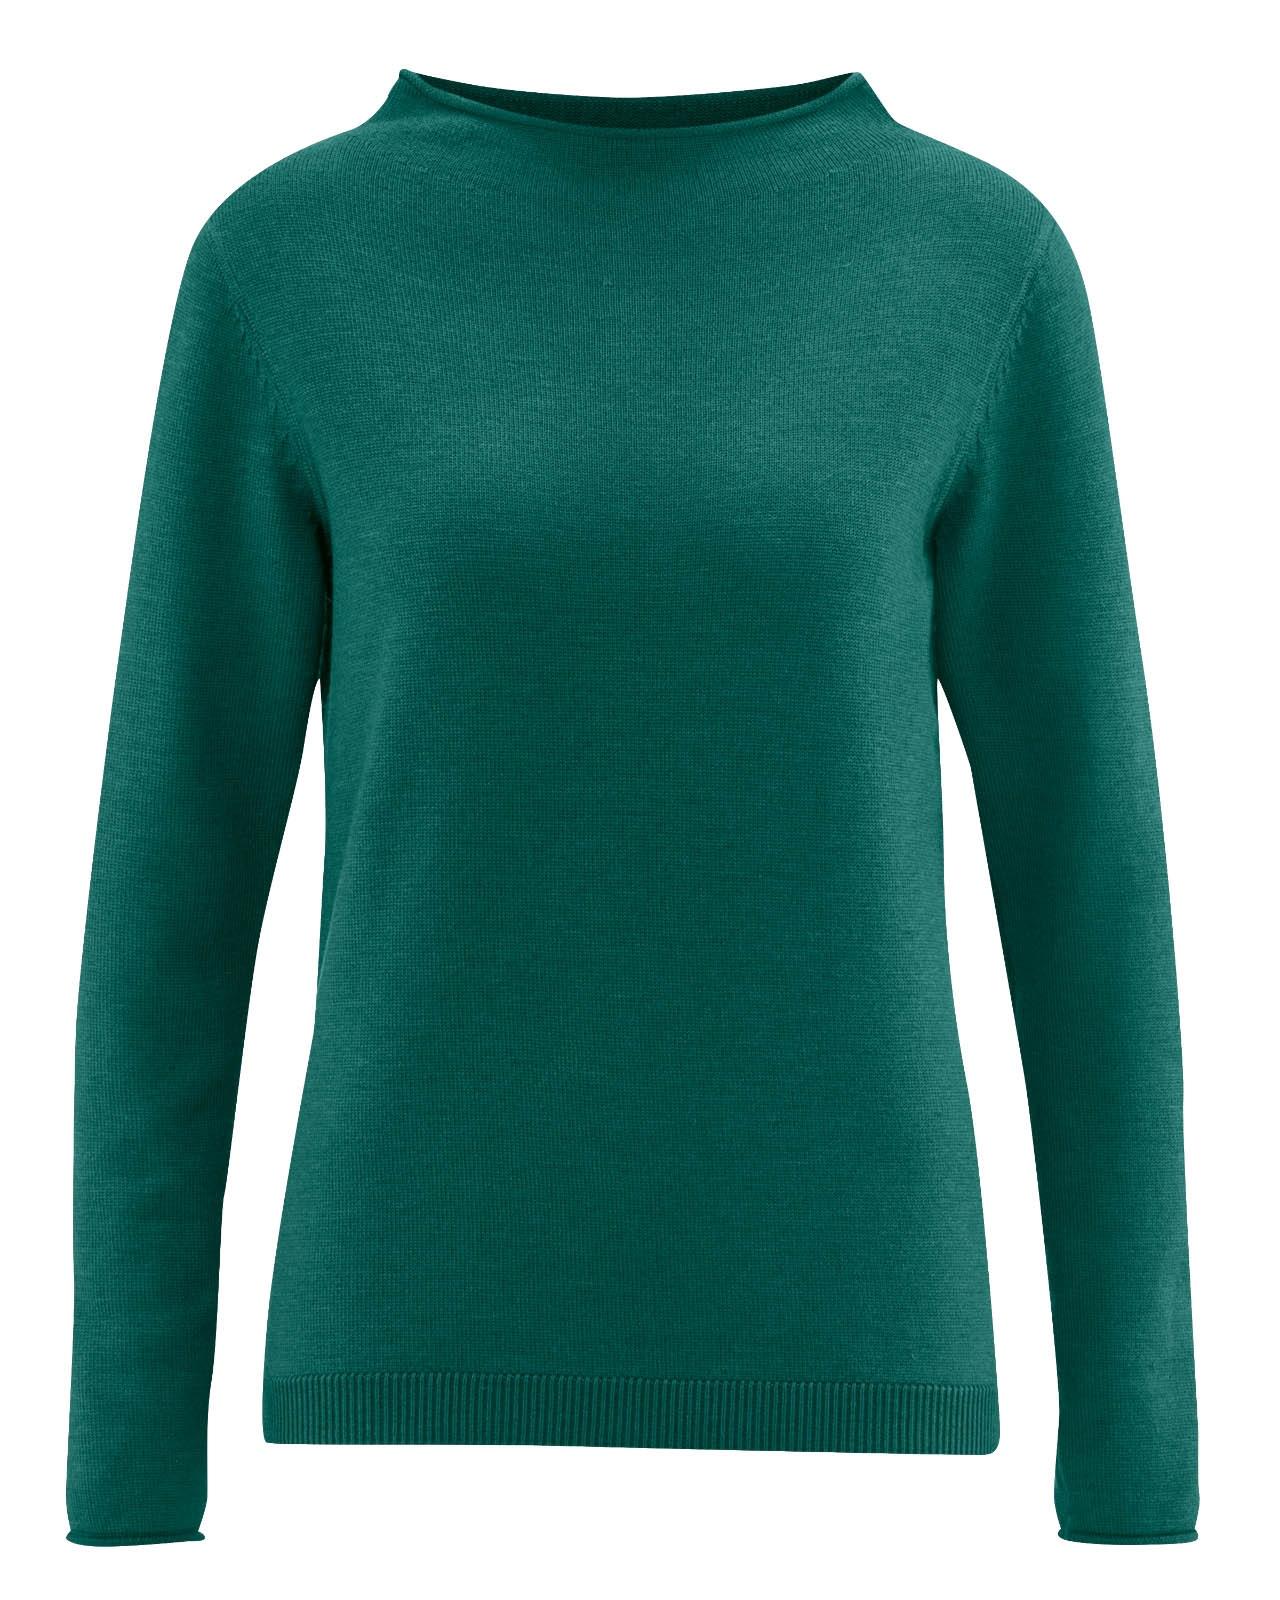 quality design ddf8f e04ac HempAge Hanf Pullover - Farbe spruce aus Wolle und Bio-Baumwolle